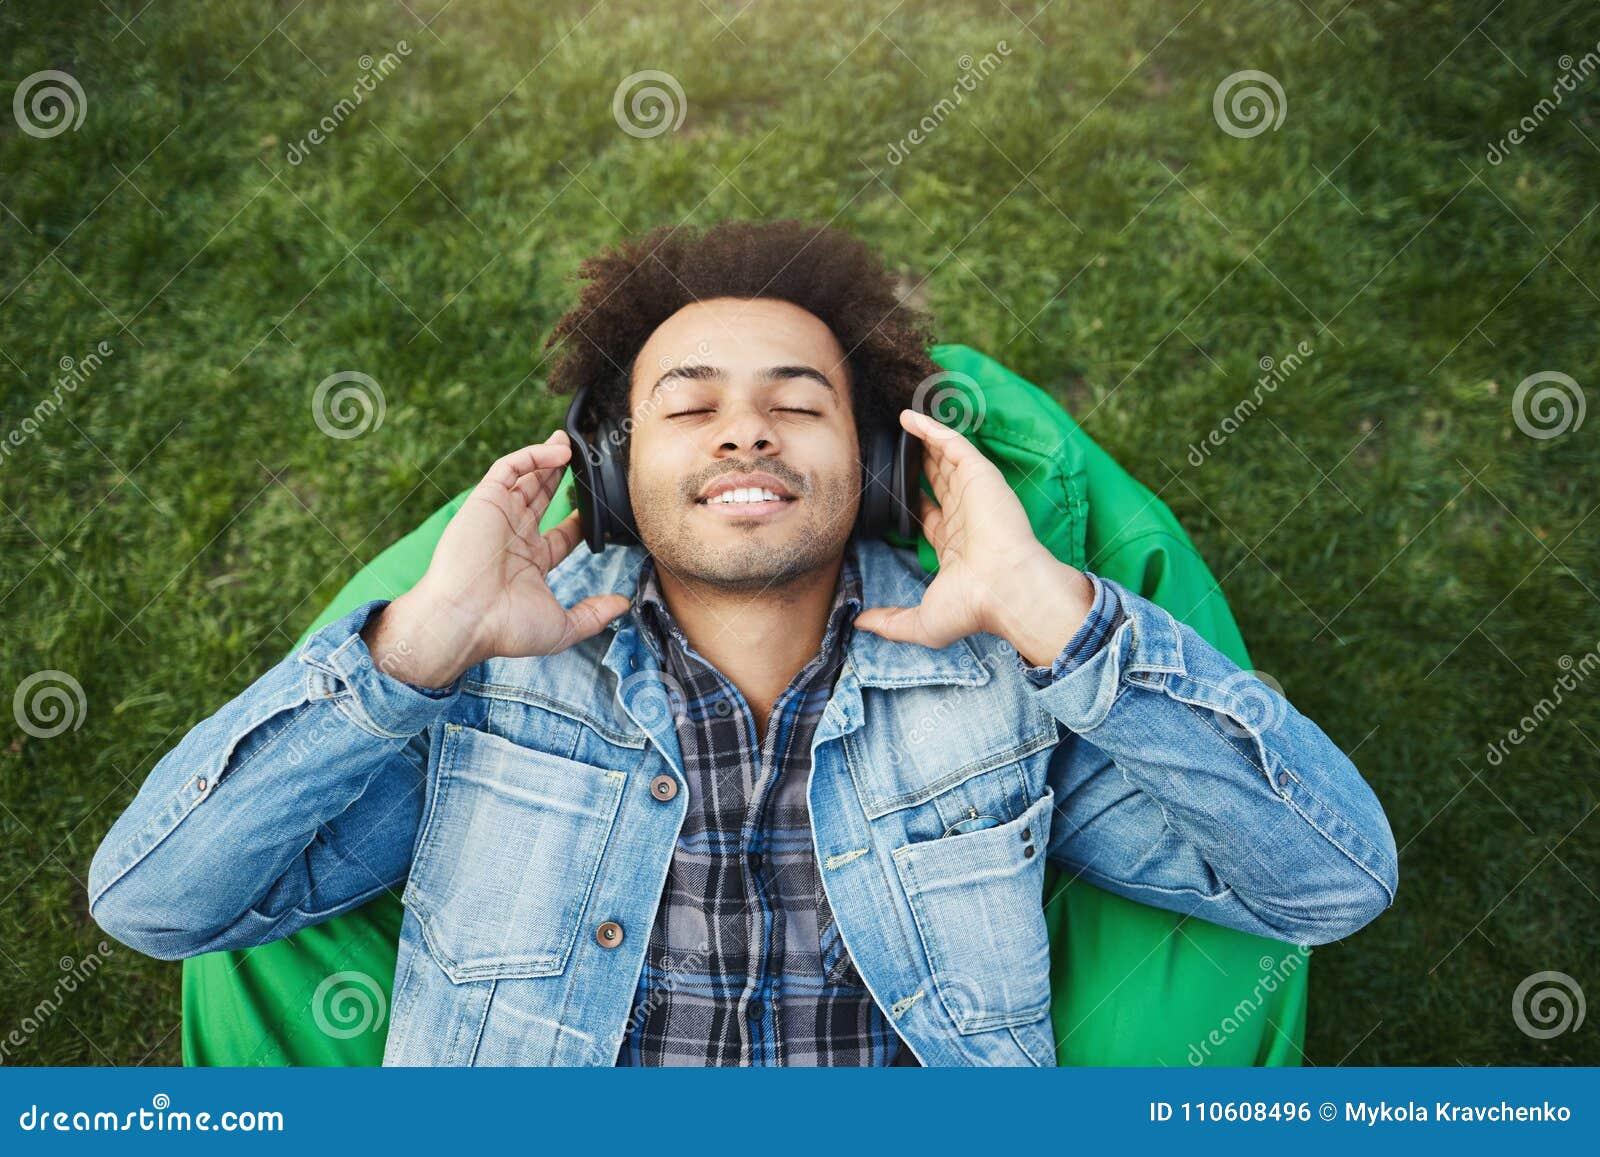 Górny widoku portret zadowolony zrelaksowany afroamerykański mężczyzna kłama na trawie z szczecina podczas gdy słuchający muzykę